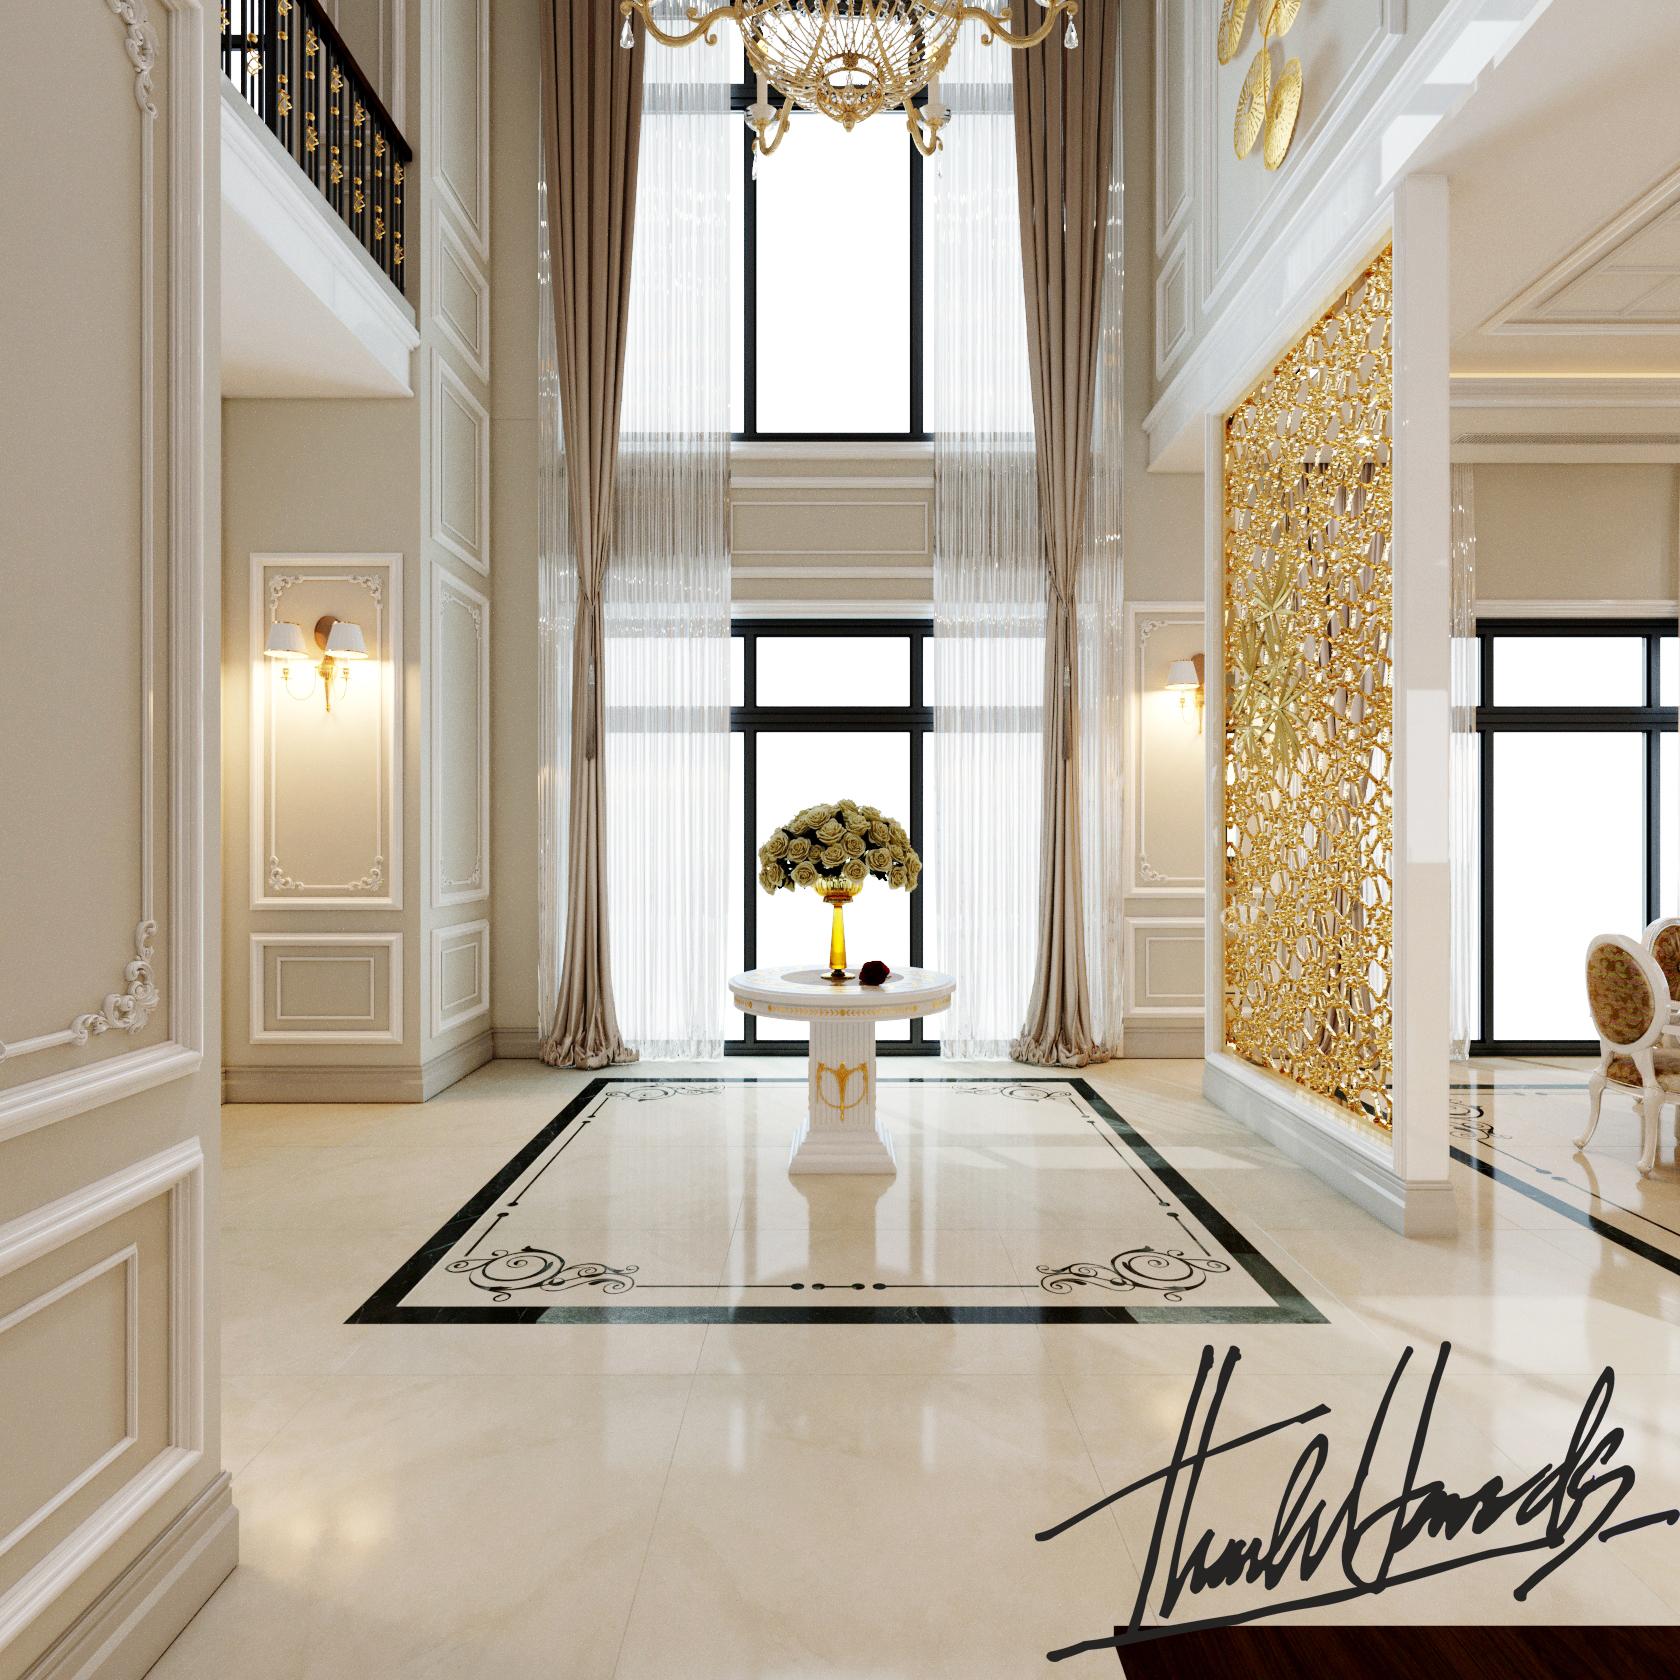 thiết kế nội thất Biệt Thự tại Hải Phòng Biệt thự Vinhomes - imperia ( khu MHT) 12 1568275624